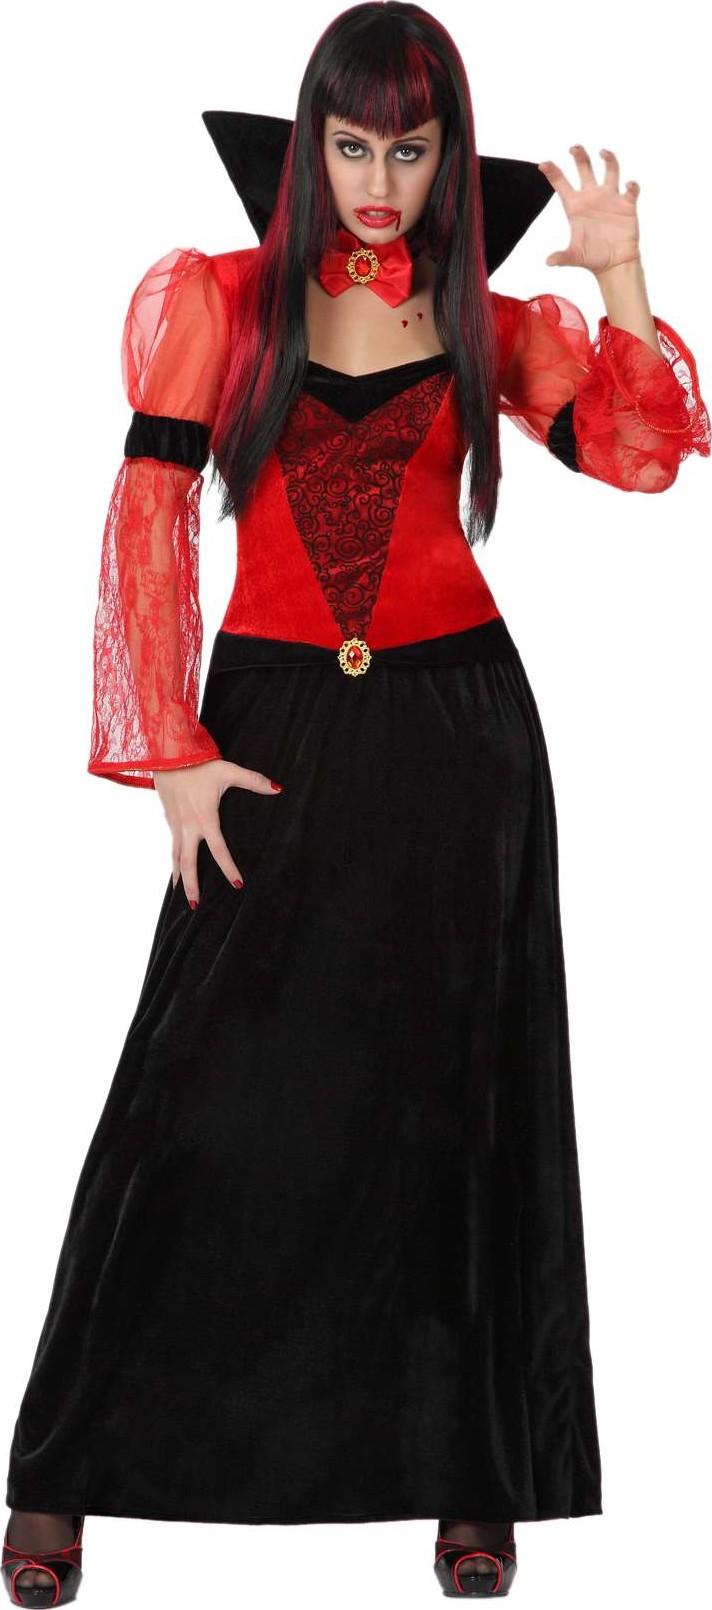 vampire countess costume - 712×1610